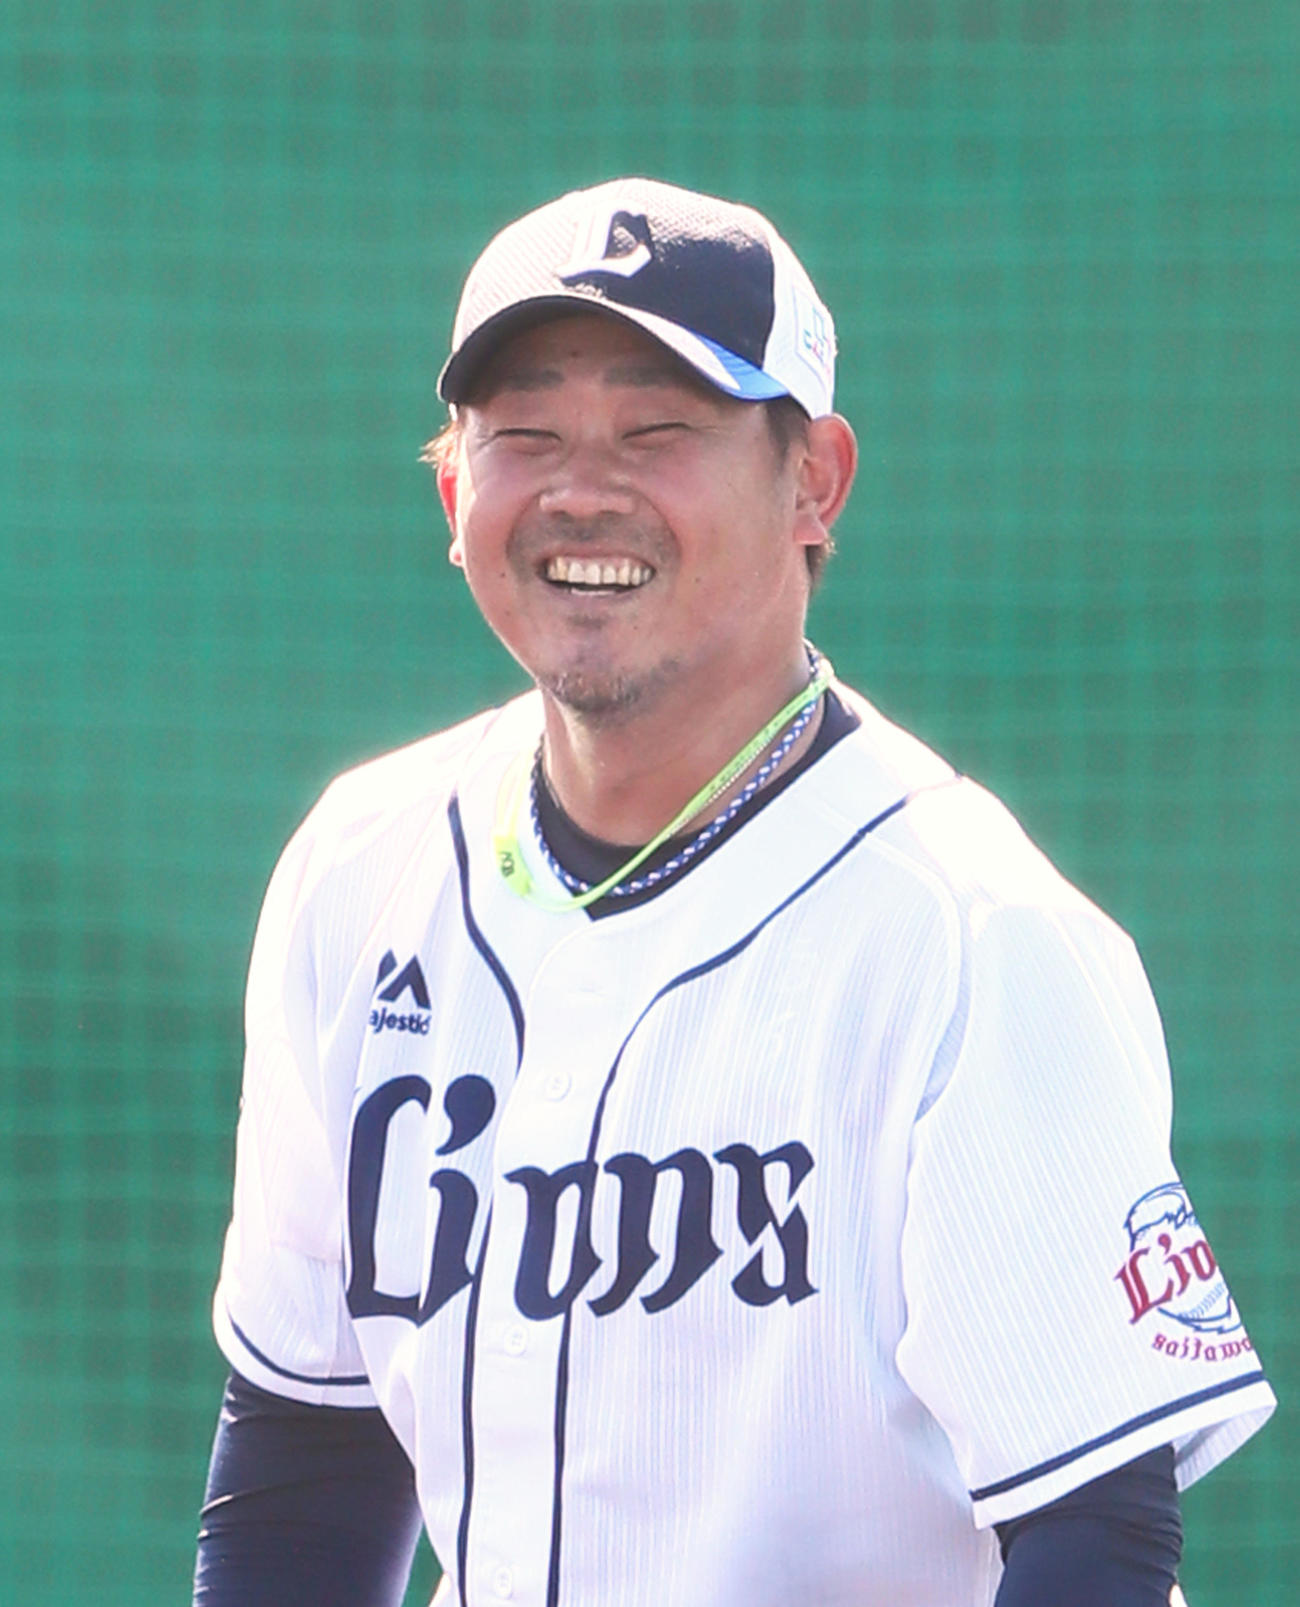 打撃投手を終えた西武松坂は笑顔でマウンドを降りる(撮影・足立雅史)